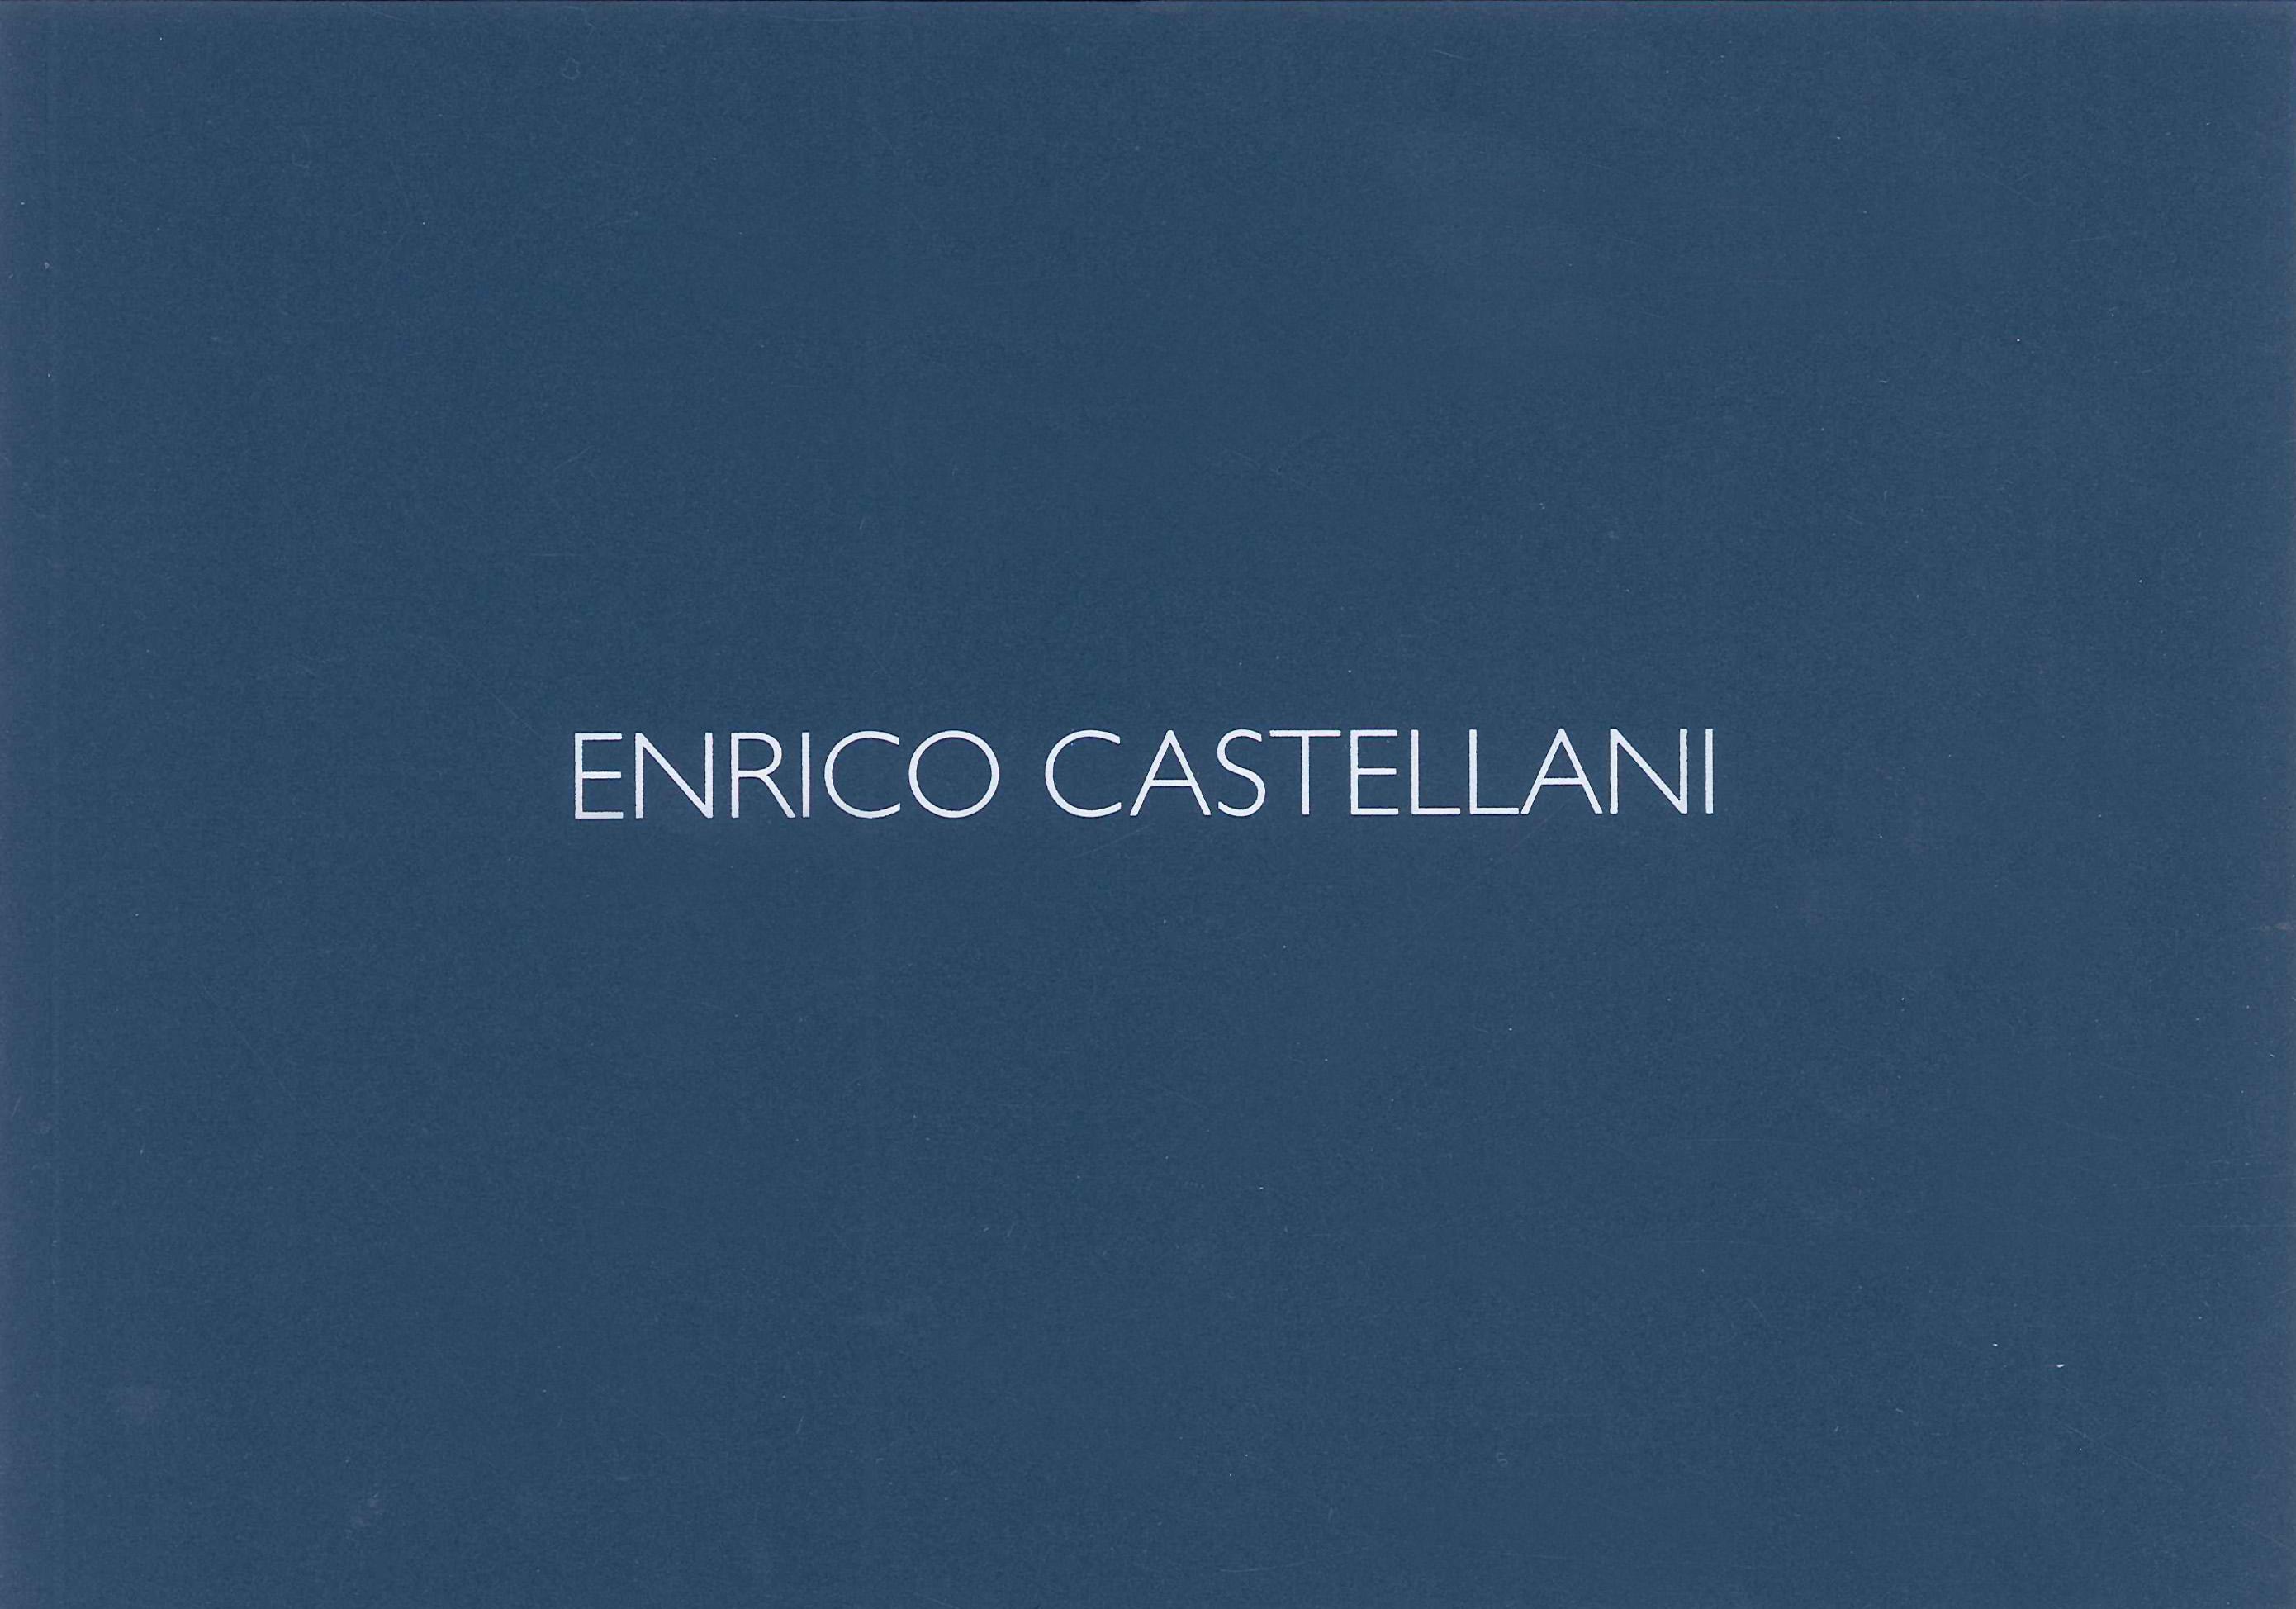 Copertina - Enrico Castellani Opere su carta, Irina Zucca Alessandrelli, 2015, Galleria Matteo Lampertico, Milano